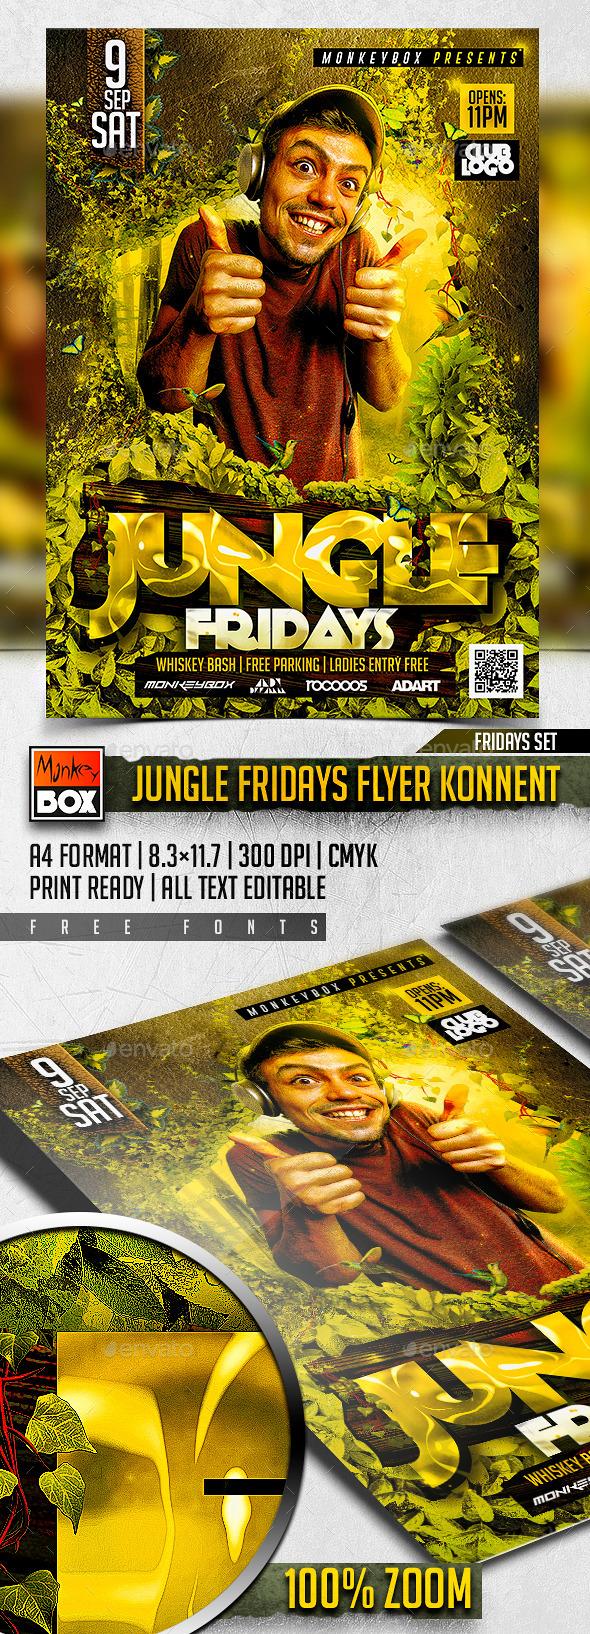 Jungle Fridays Flyer Konnekt - Clubs & Parties Events